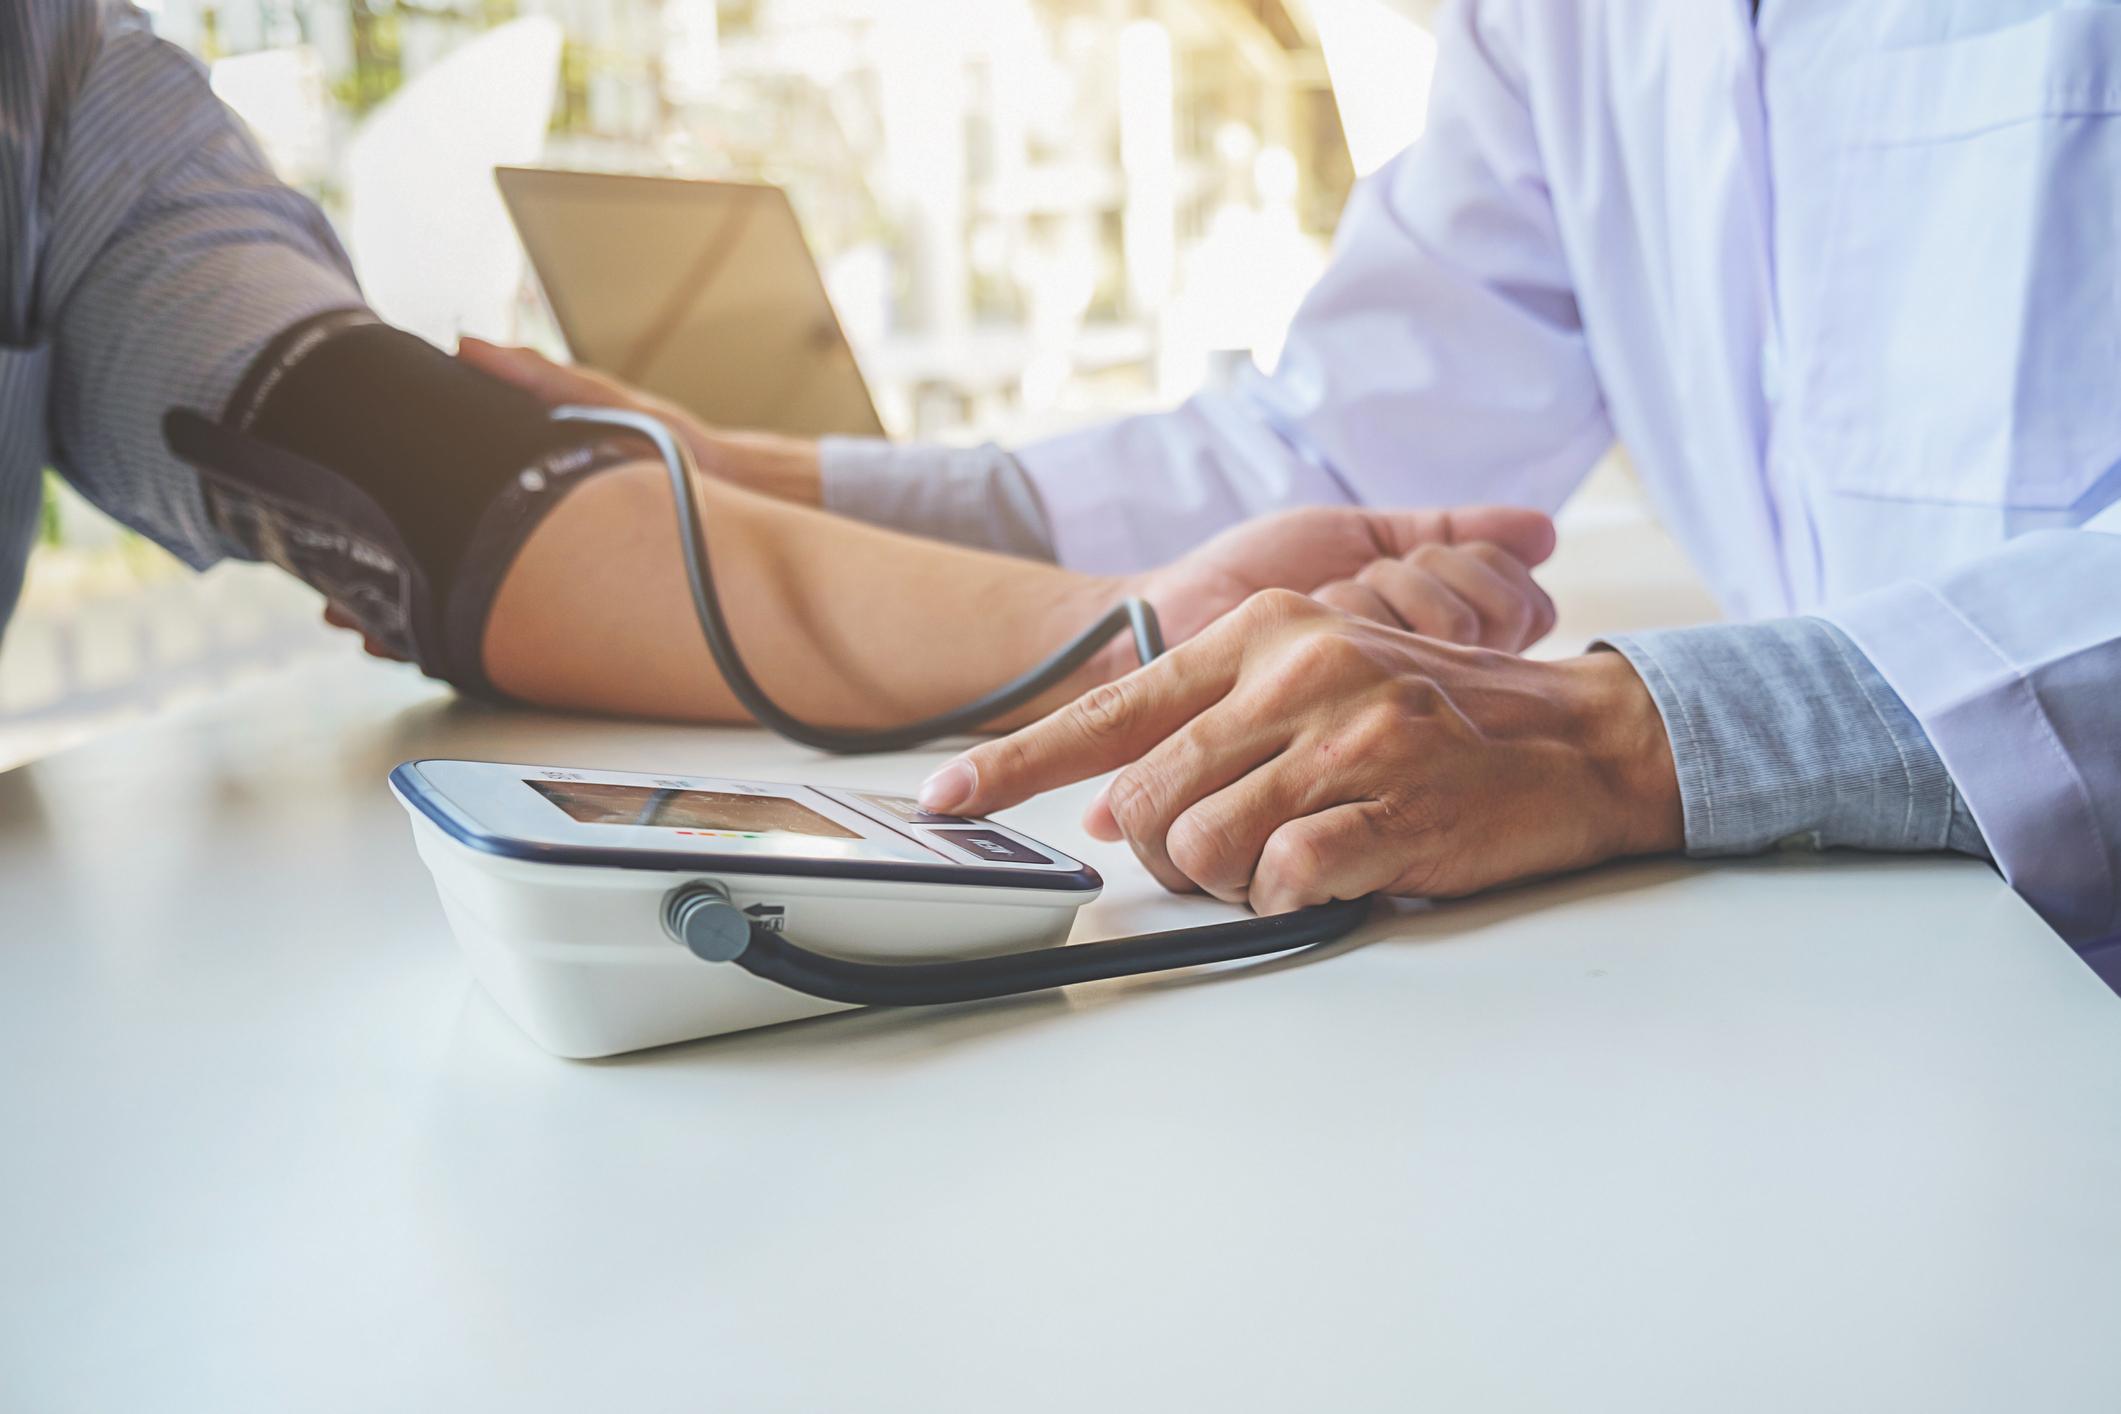 Magnézia adagolása magas vérnyomás esetén tűk magas vérnyomás esetén